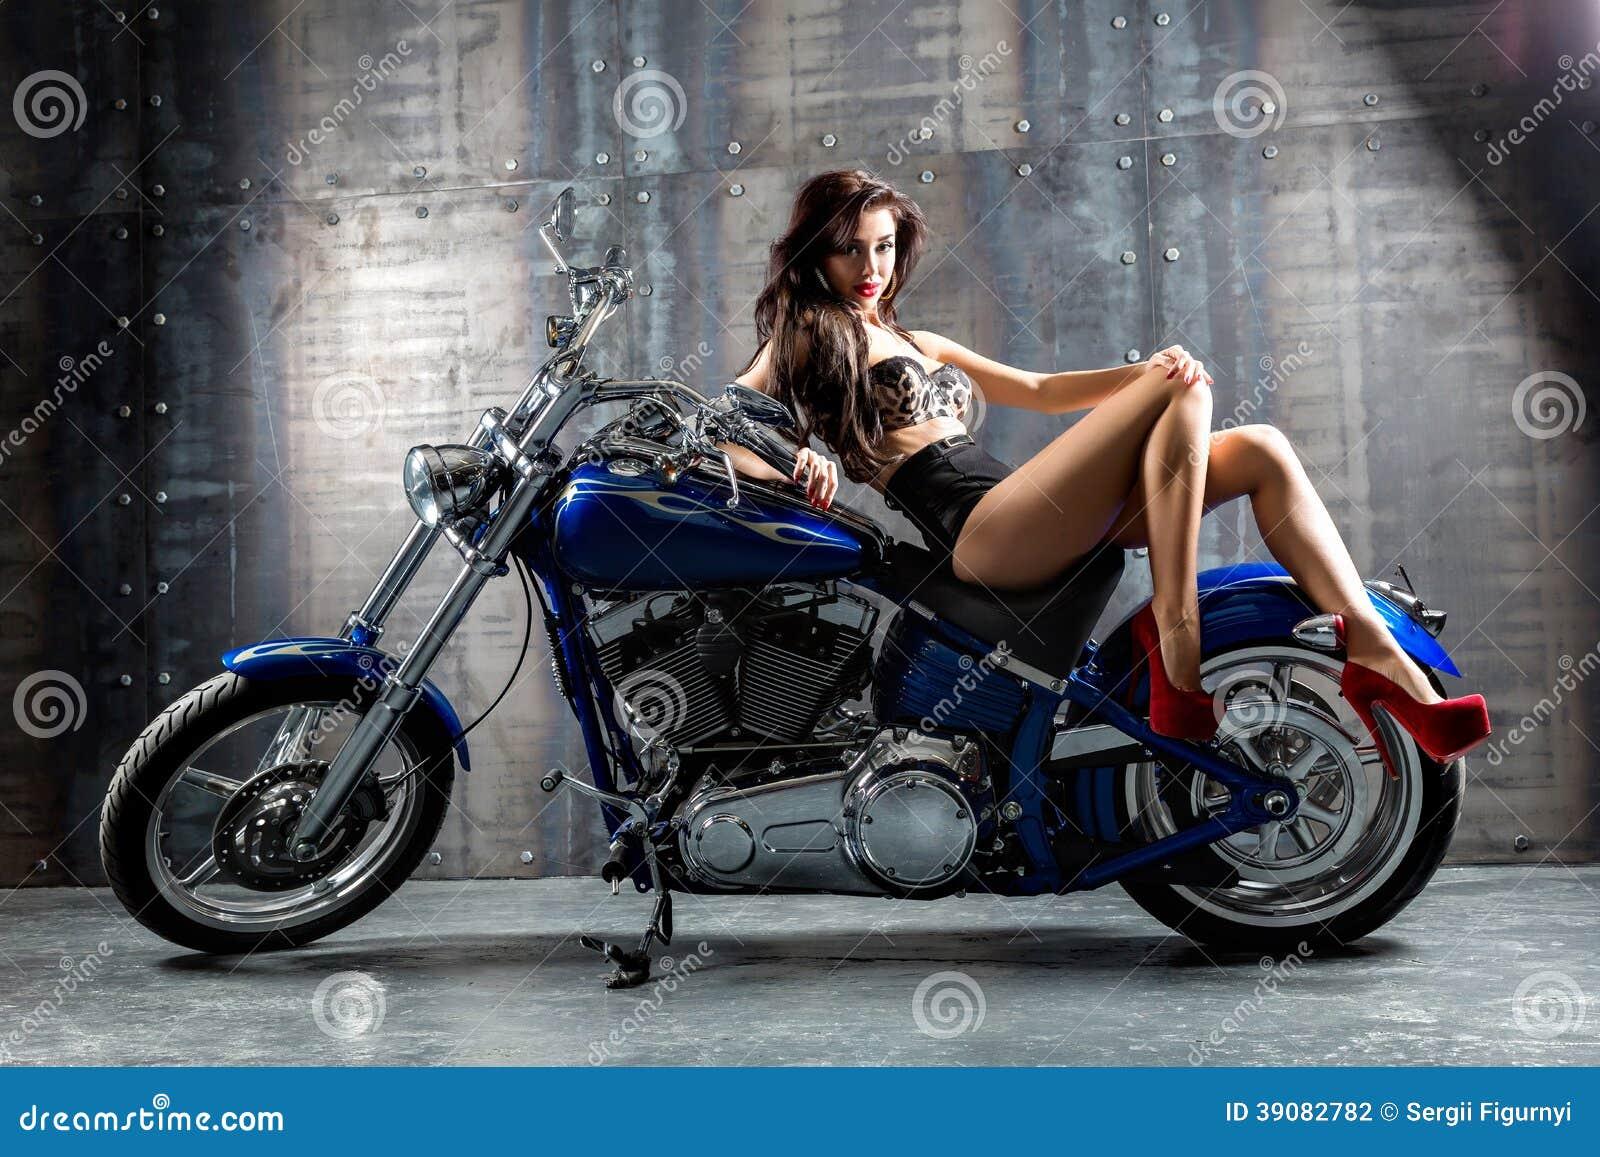 年轻性感的妇女坐摩托车。